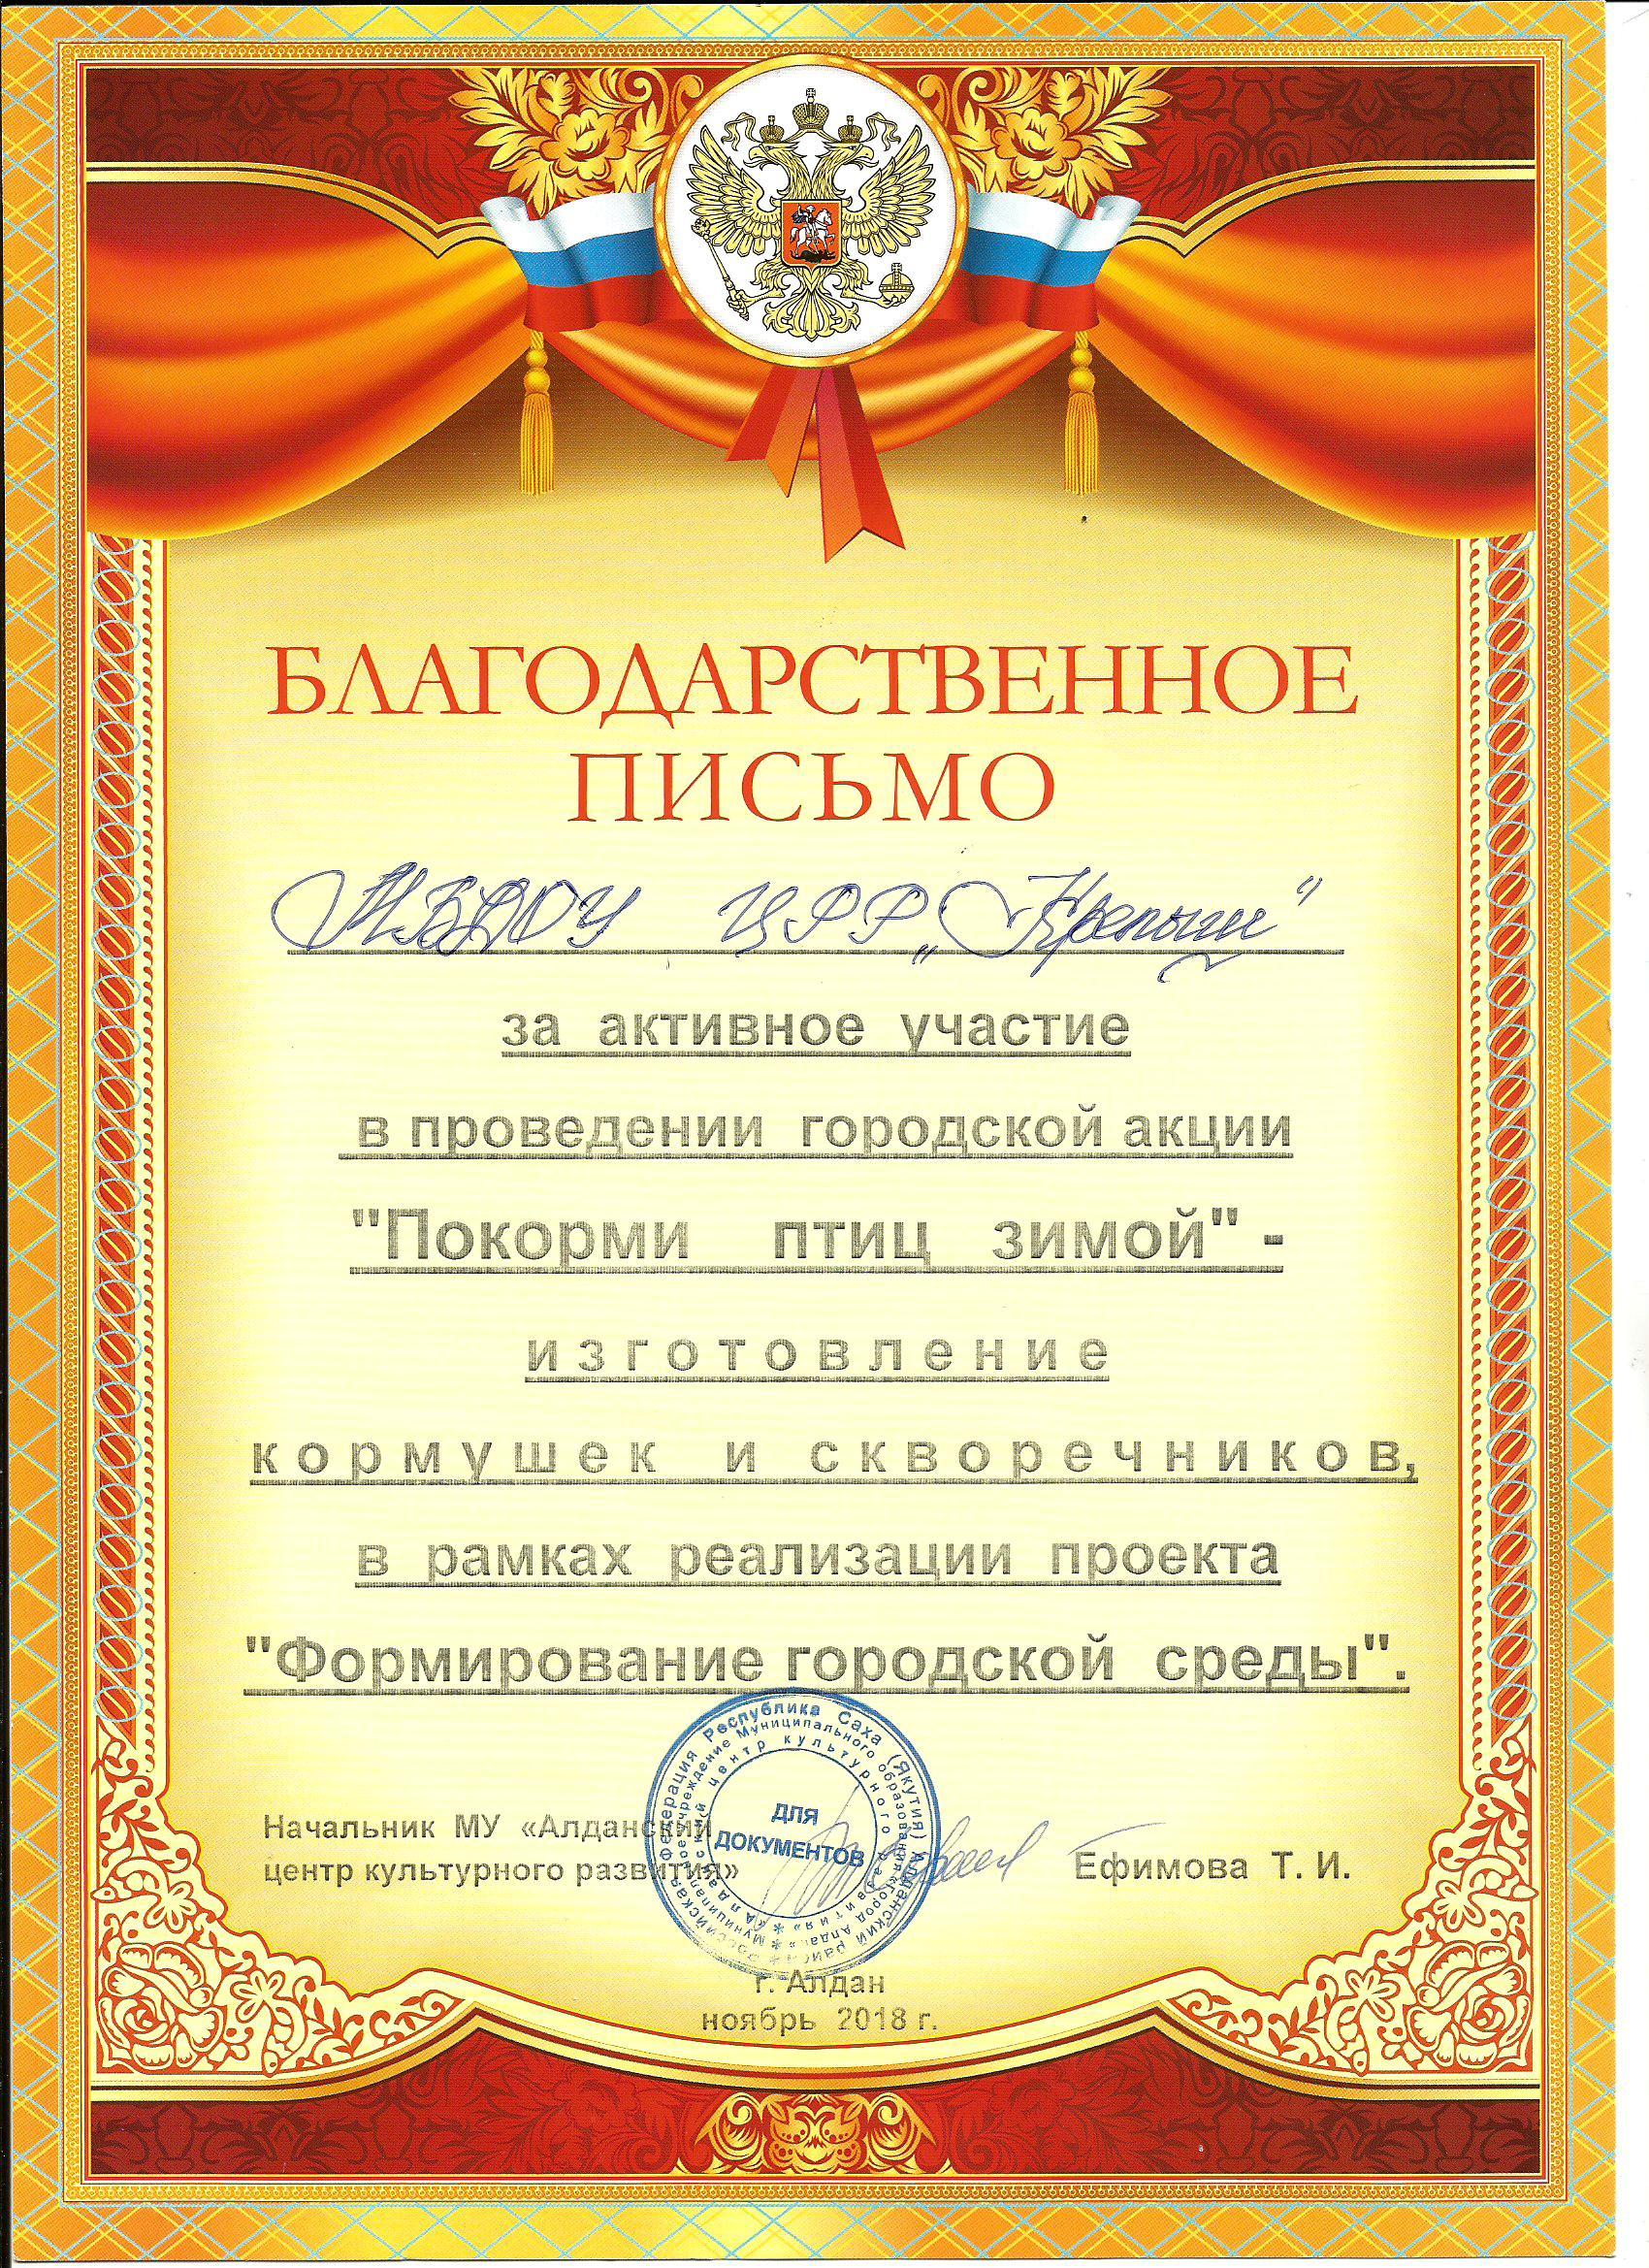 Сад Кормушки 2018